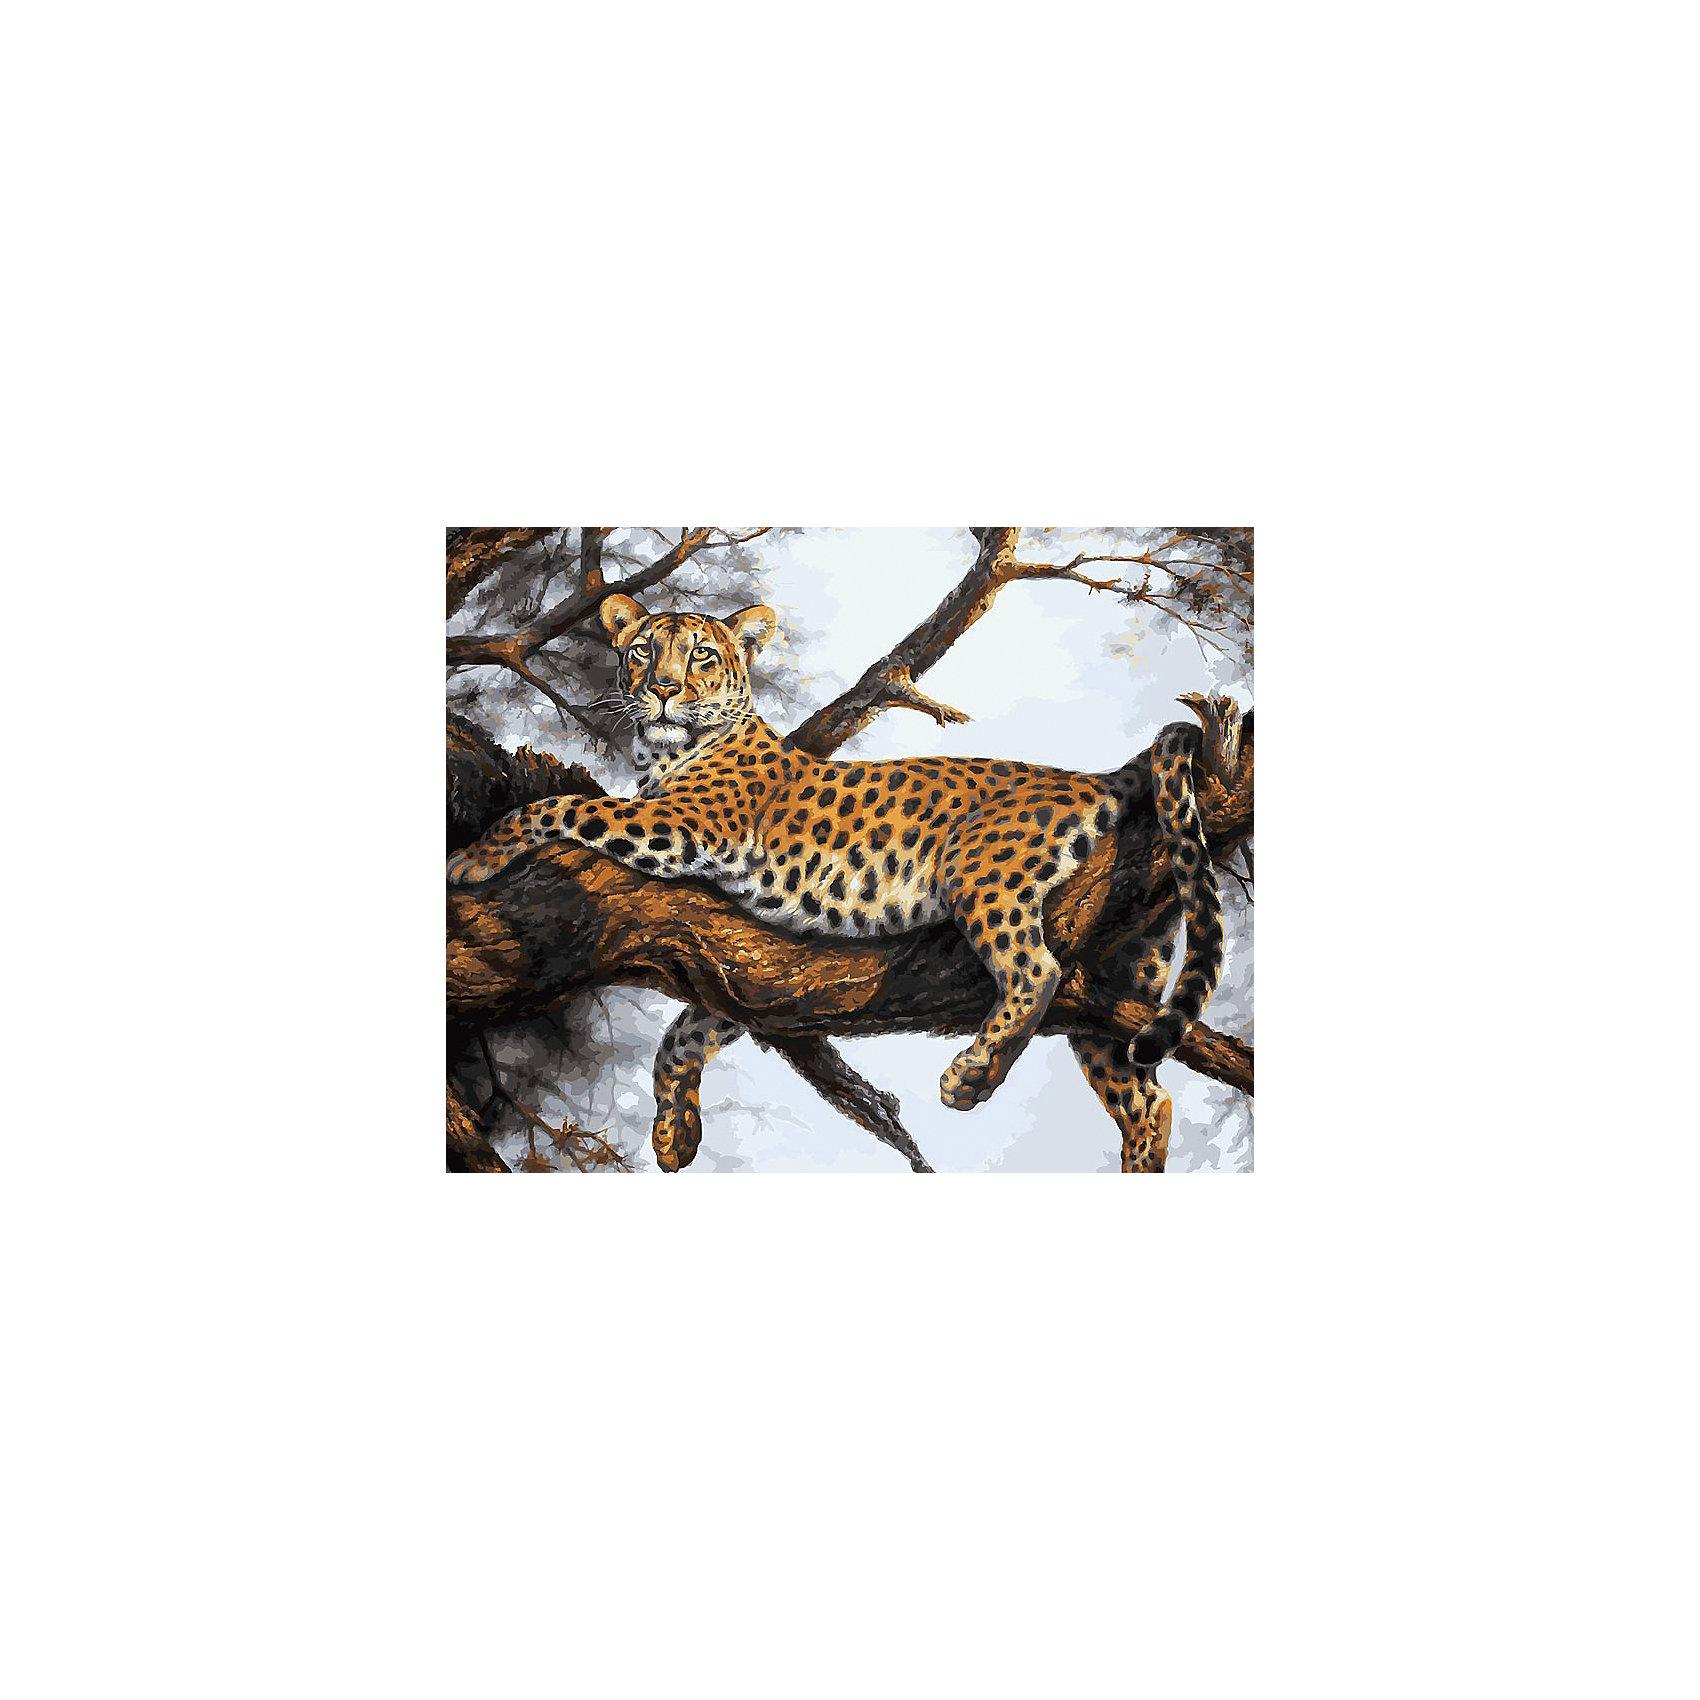 Живопись на холсте Леопард на отдыхе, 40*50 смРисование<br>Живопись на холсте Леопард на отдыхе, 40*50 см<br><br>Характеристики:<br><br>• Вес: 850<br>• Размер: 40х50<br>• Краски: акриловые, быстросохнущие<br>• Количество цветов: 32<br>• В наборе: холст на подрамнике, настенное крепление, контрольный лист с рисунком, 32 красок, 3 кисти<br><br>Данный набор позволит любому человеку ощутить себя профессиональным художником. В комплект входит холст с нанесенным на него рисунком по номерам, акриловые краски на водной основе, специальный контрольный лист, предотвращающий ошибки и 3 удобные кисти разных размеров. <br><br>Рисовать на холсте очень удобно, а благодаря номерам на картине и баночках с краской - это совсем просто. Цвета ложатся ровным слоем, перекрывая нанесенный рисунок. Если вы боитесь, что где-то ошиблись – приложите контрольный лист, который полностью повторяет схему. Акриловые краски совершенно безопасны и не имеют запаха. А благодаря настенному креплению вы сможете повесить готовую работу.<br><br>Живопись на холсте Леопард на отдыхе, 40*50 см можно купить в нашем интернет-магазине.<br><br>Ширина мм: 510<br>Глубина мм: 410<br>Высота мм: 250<br>Вес г: 850<br>Возраст от месяцев: 72<br>Возраст до месяцев: 2147483647<br>Пол: Унисекс<br>Возраст: Детский<br>SKU: 5500414